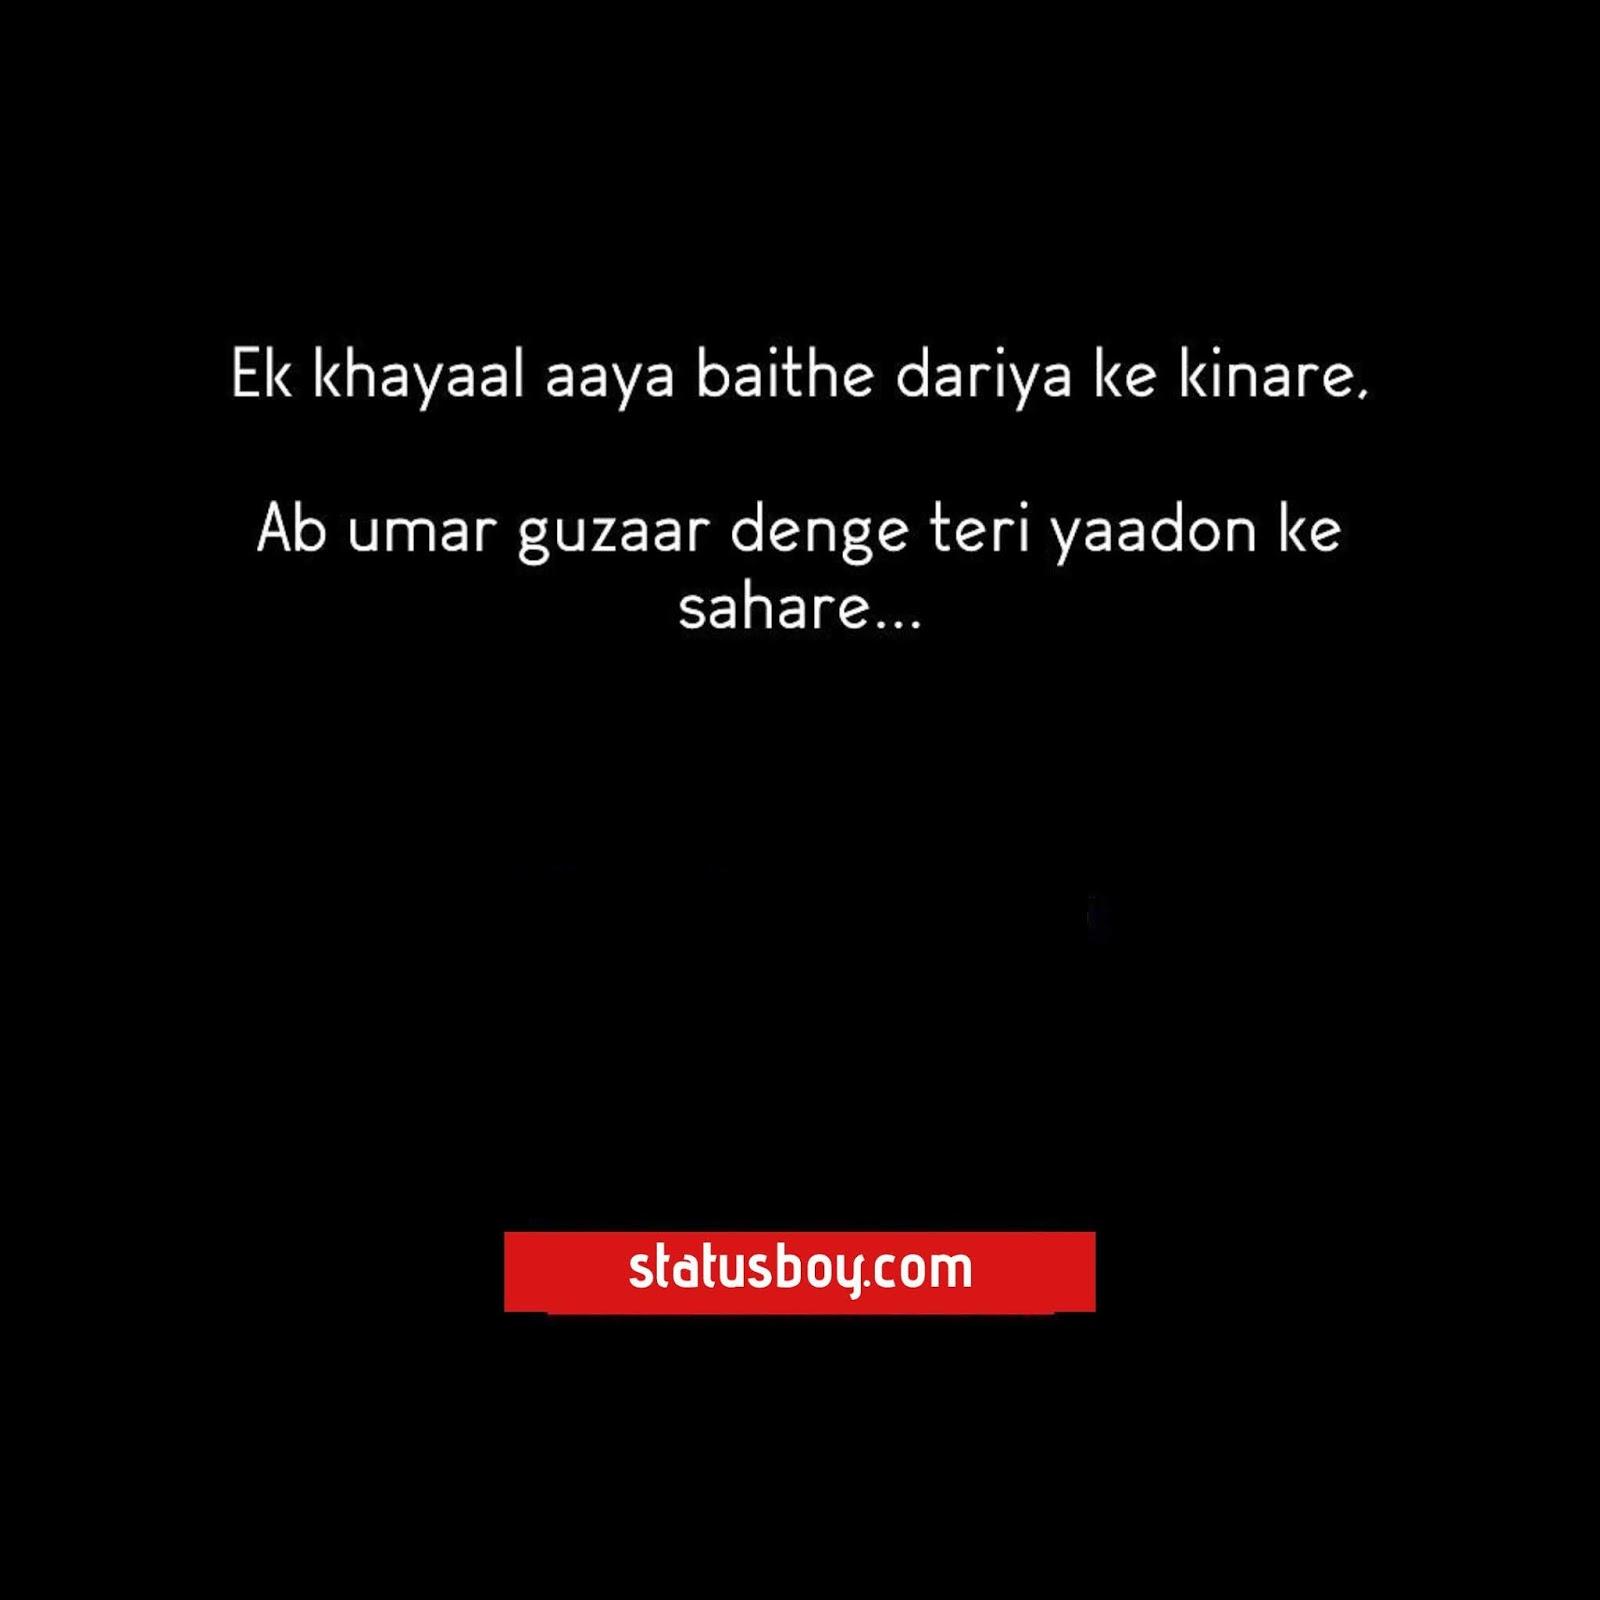 New Urdu Poetry Image